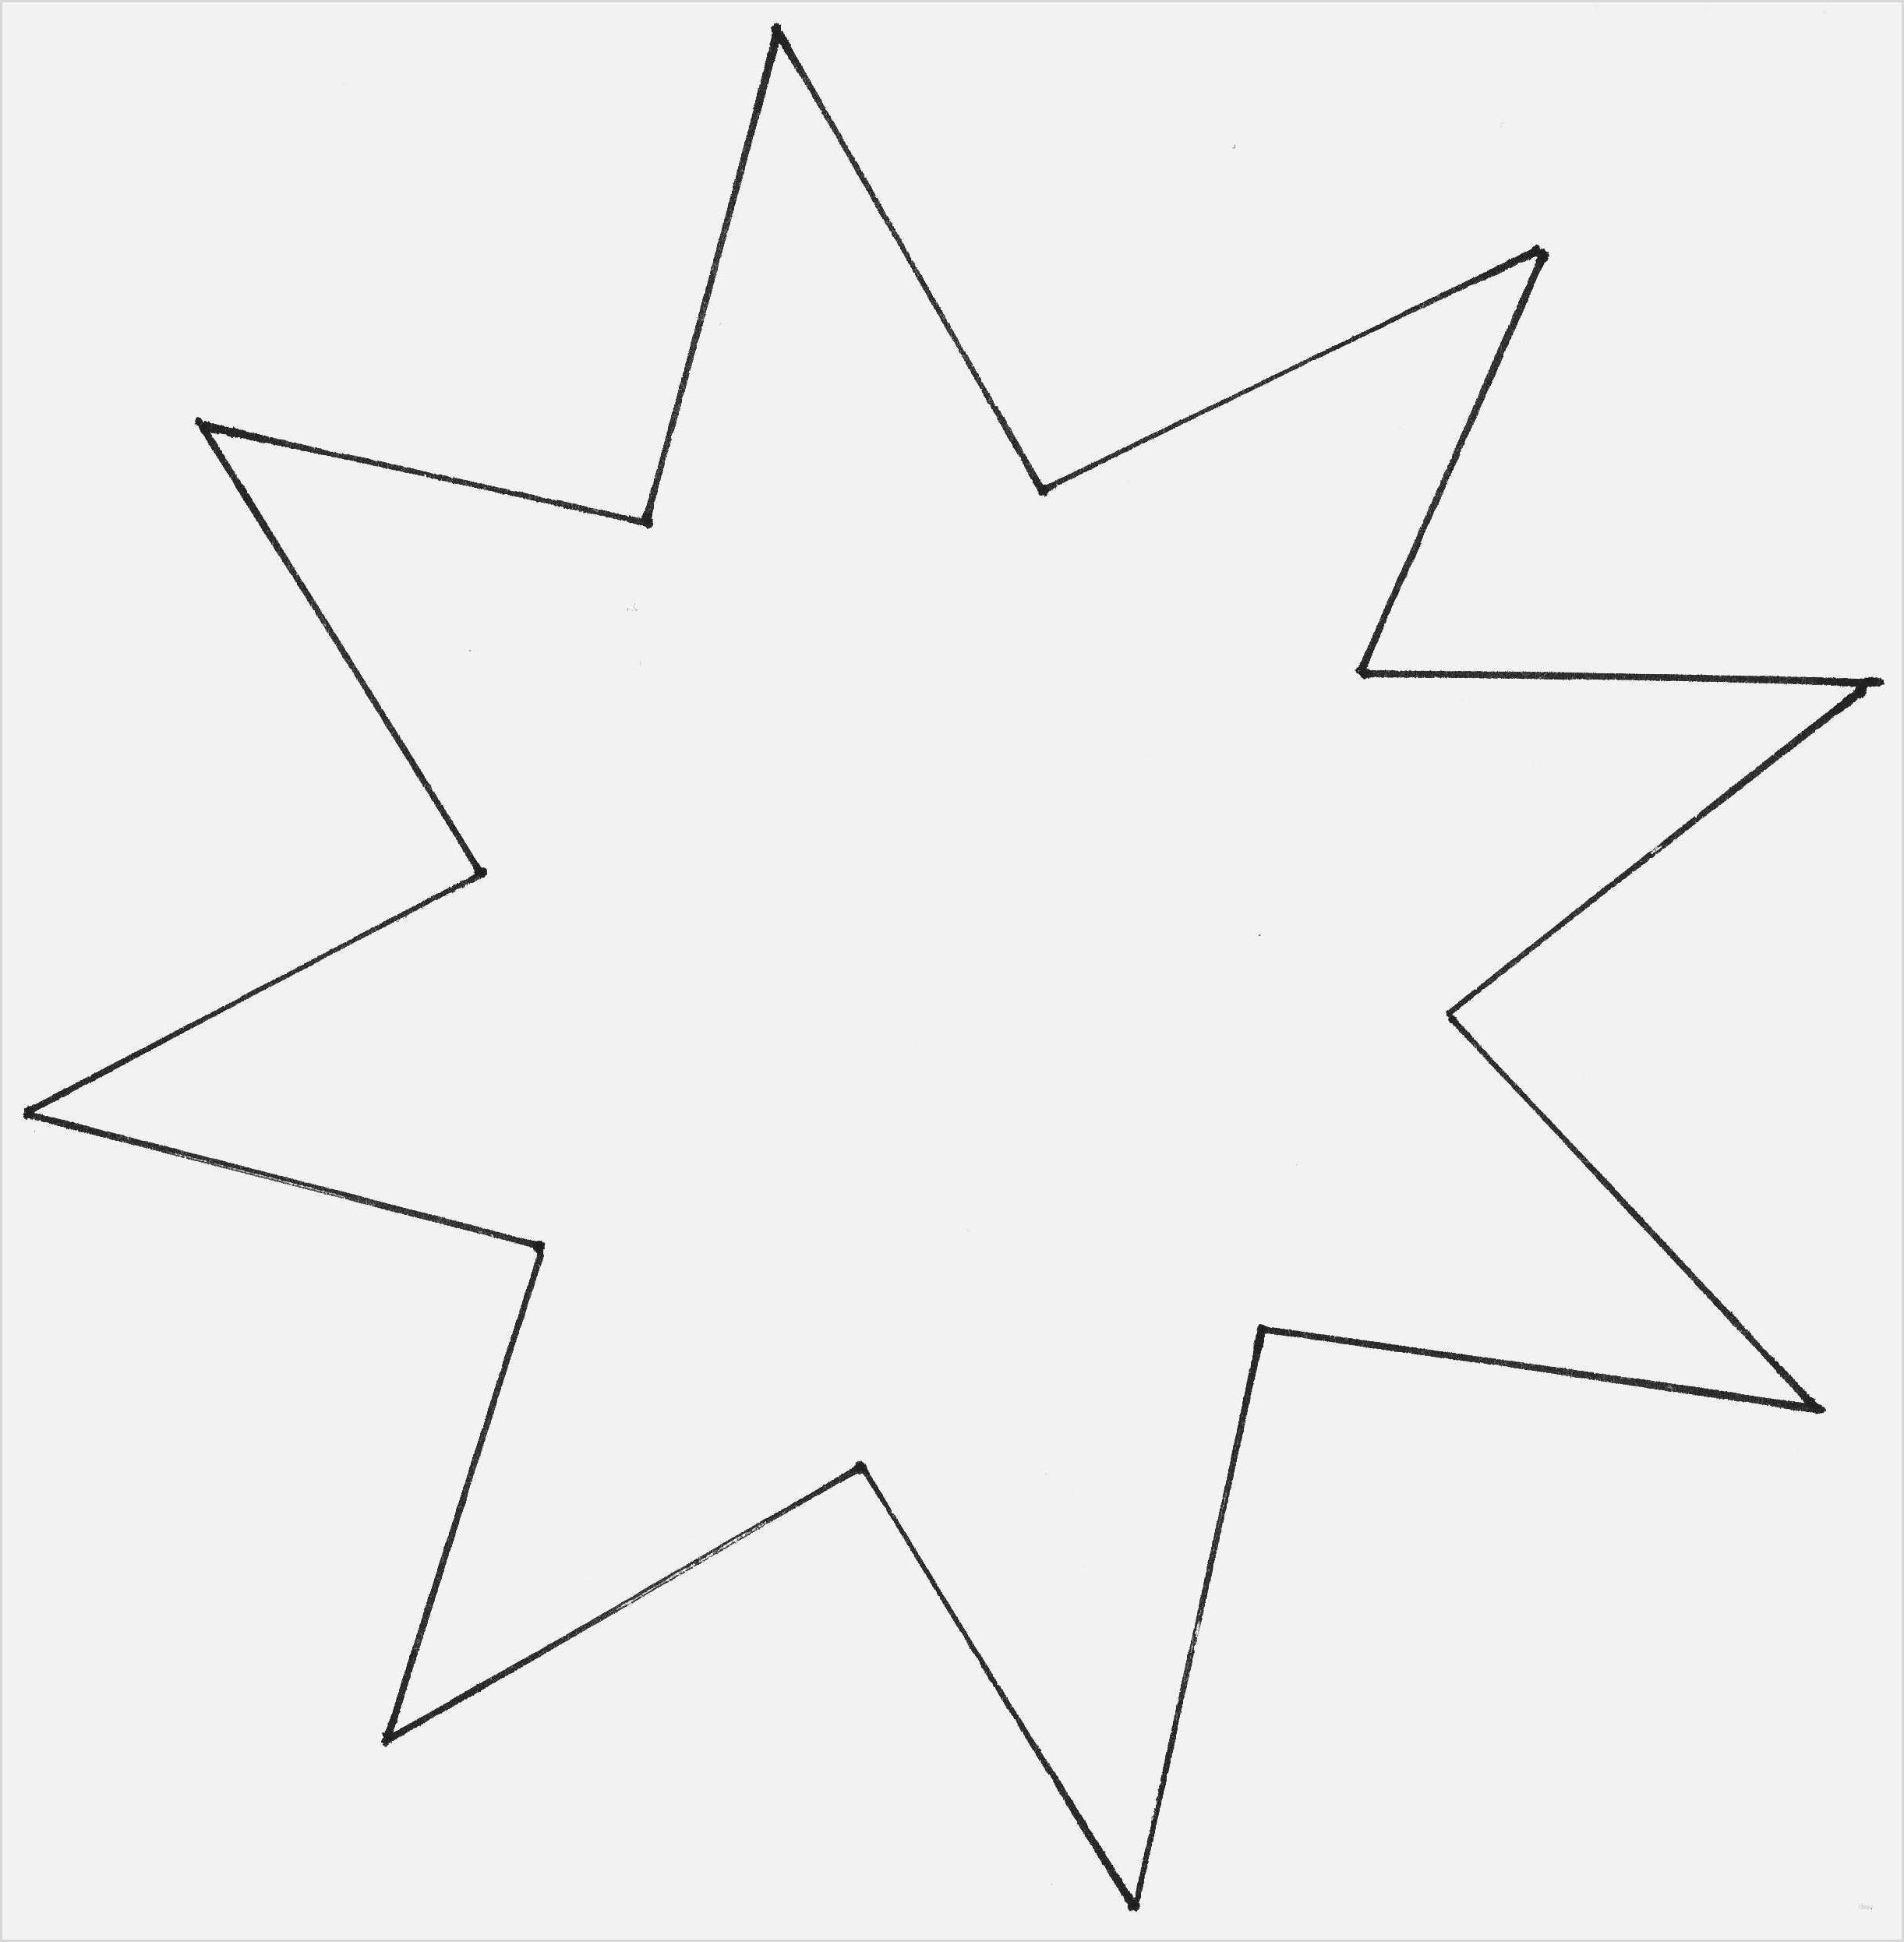 Ausmalbilder Weihnachten Sterne Das Beste Von Stern Vorlage Zum Ausdrucken Crossradio Das Bild